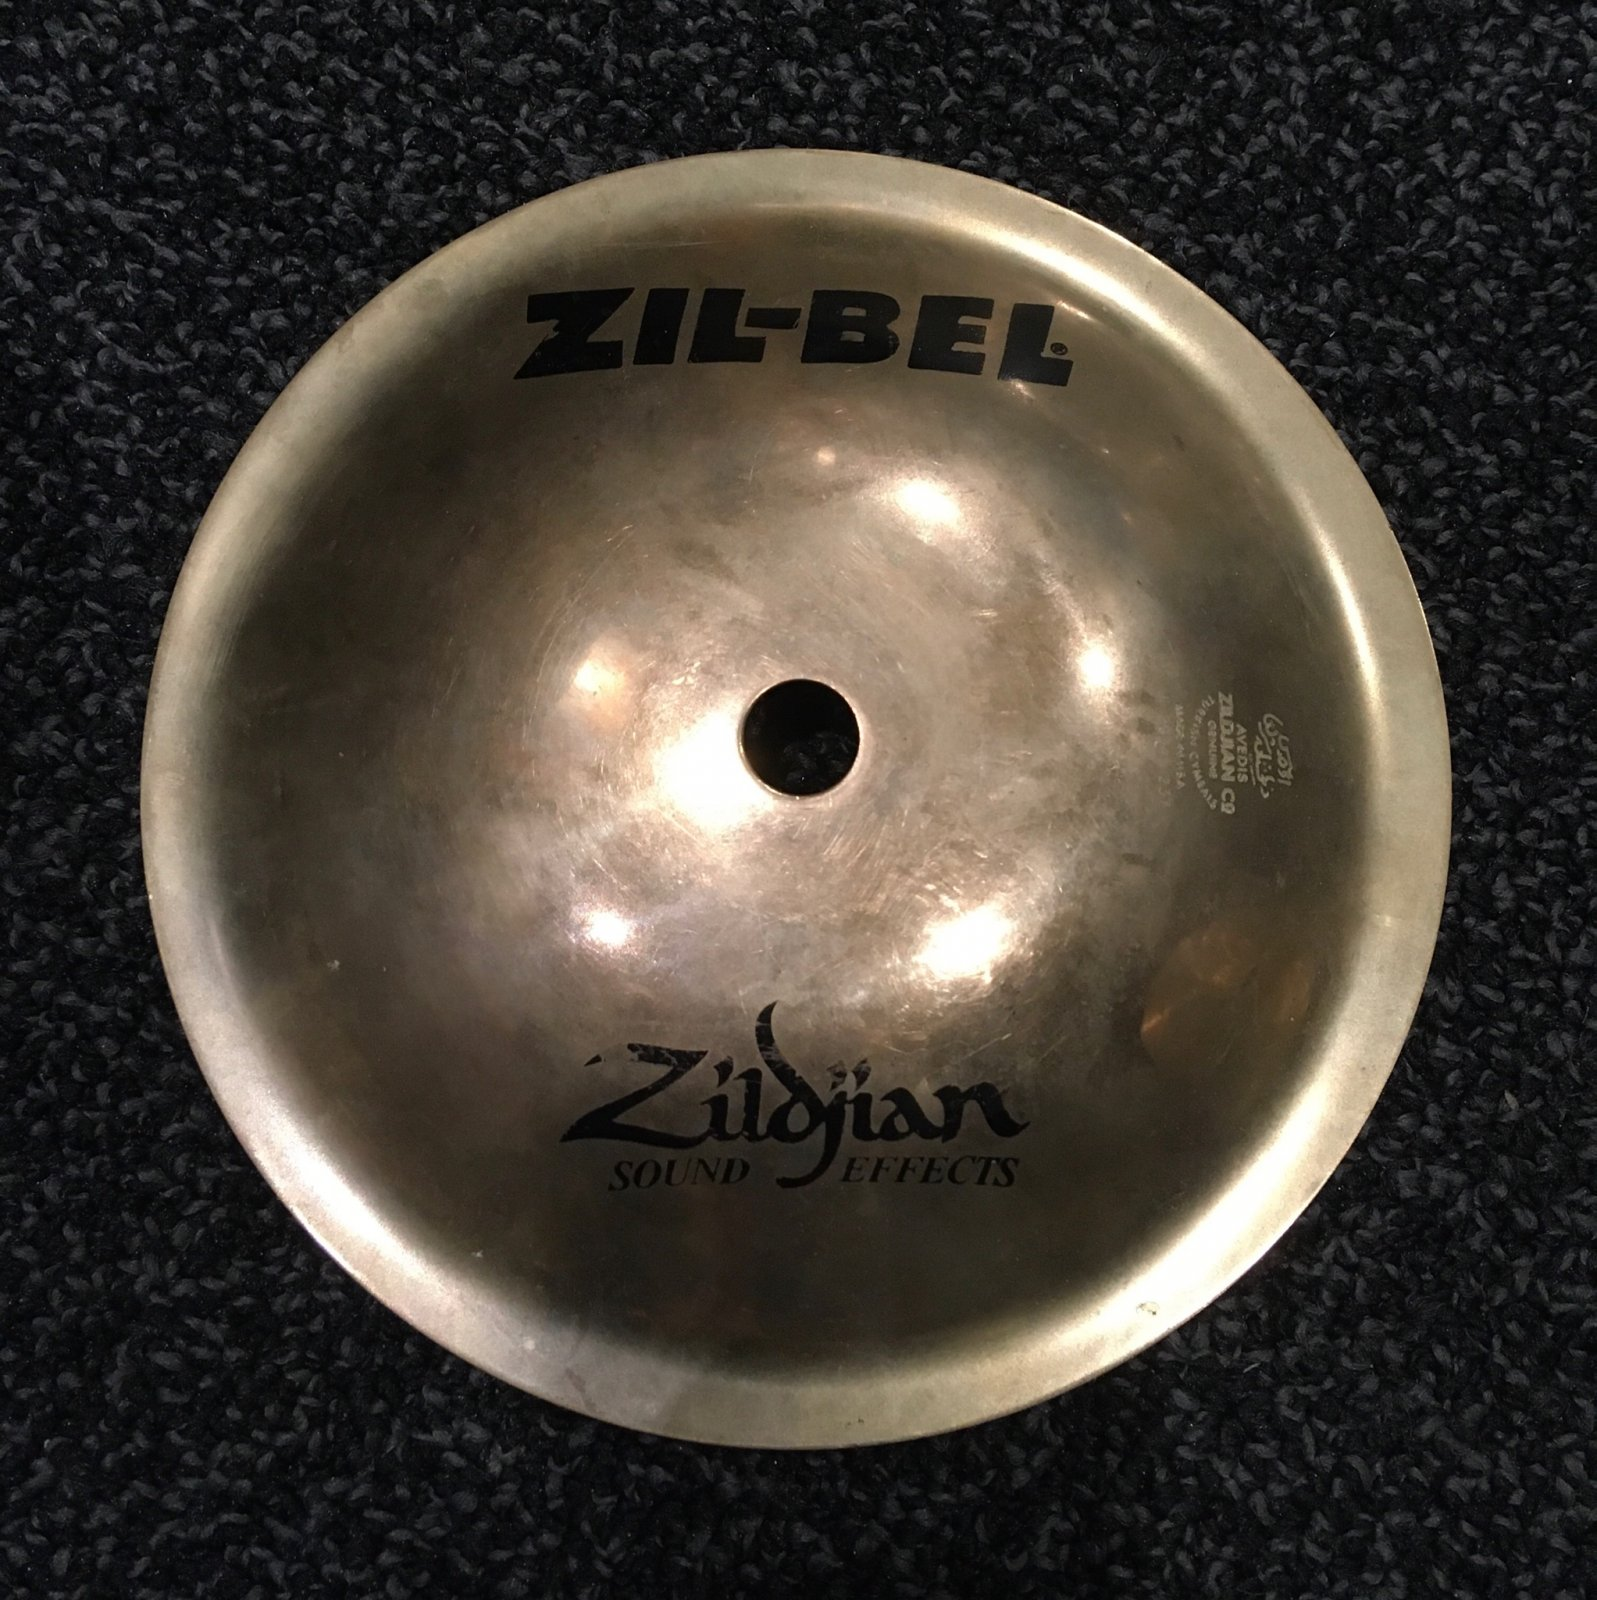 Zildjian Zil-Bel 6 Effects Cymbal - Used